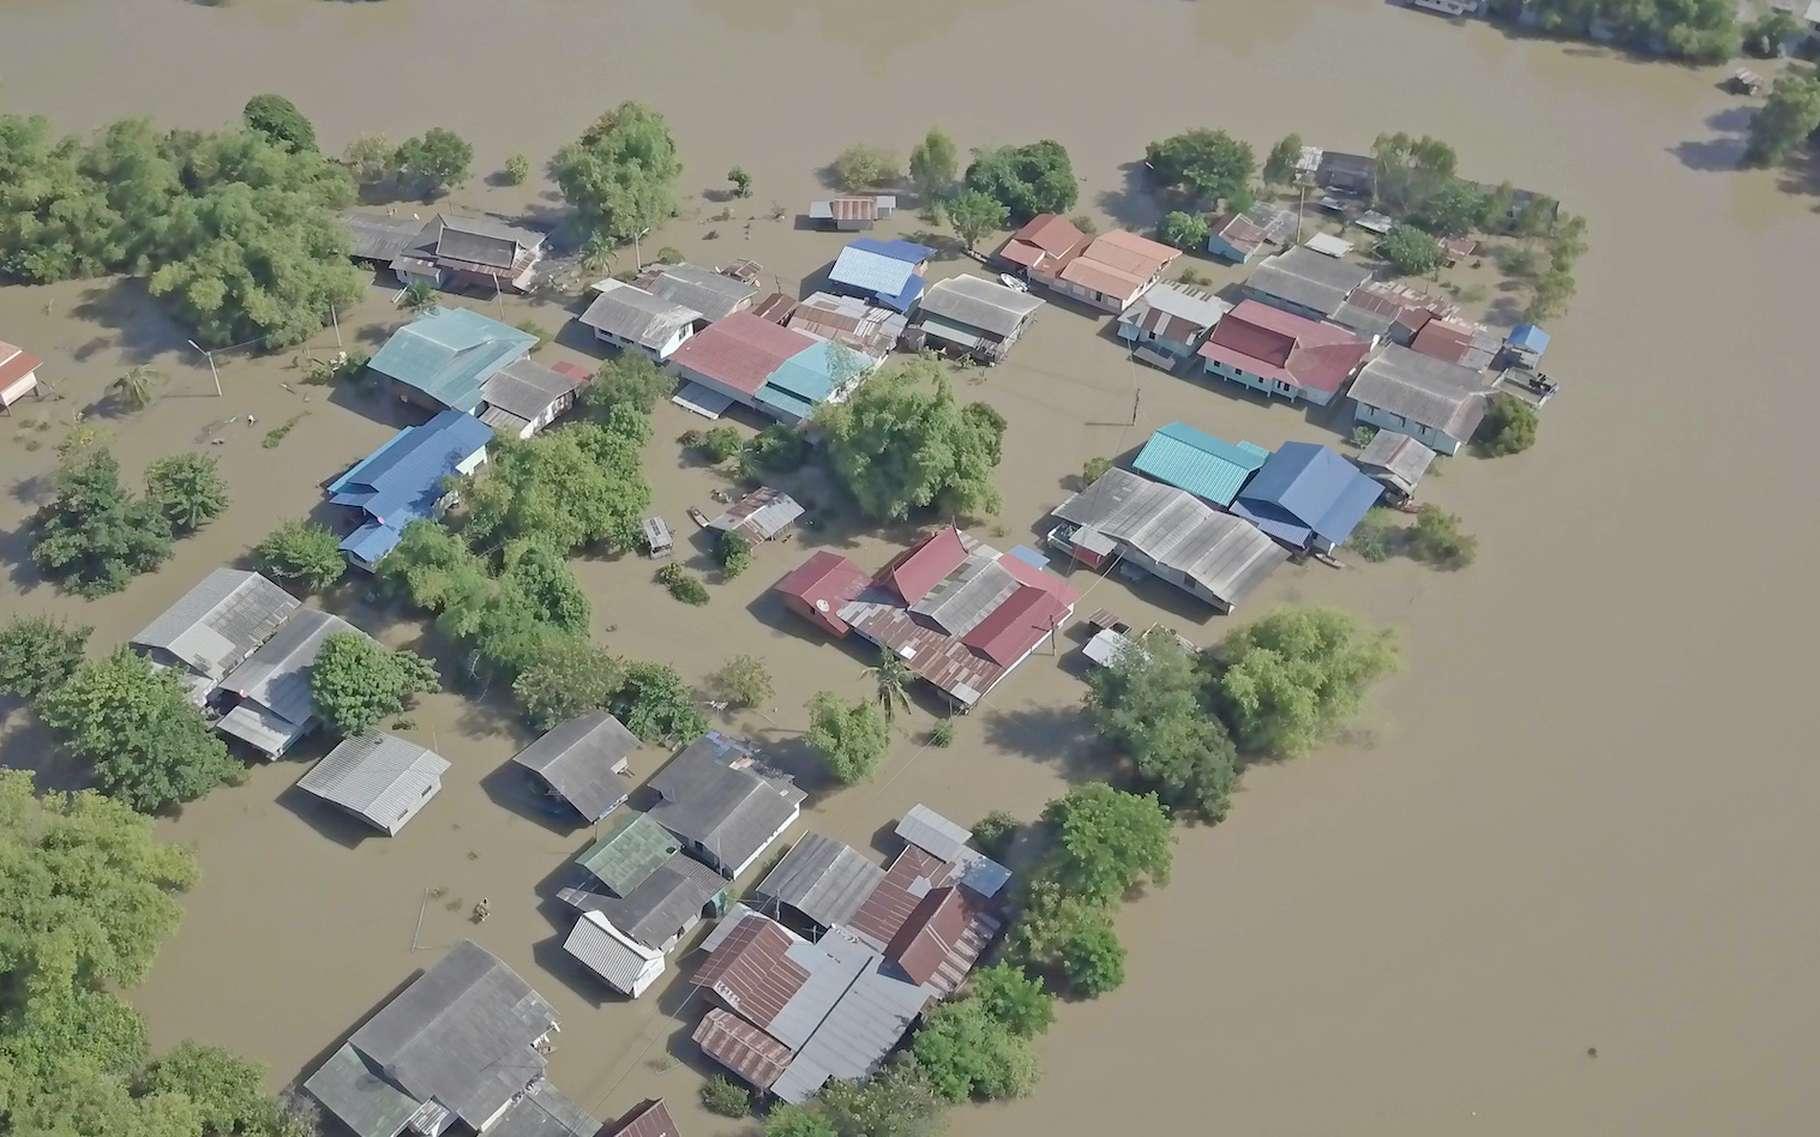 Avec le réchauffement climatique, les inondations menacent de plus en plus les populations qui devraient de fait être amenées à se déplacer de plus en plus. © witthaya, Adobe Stock